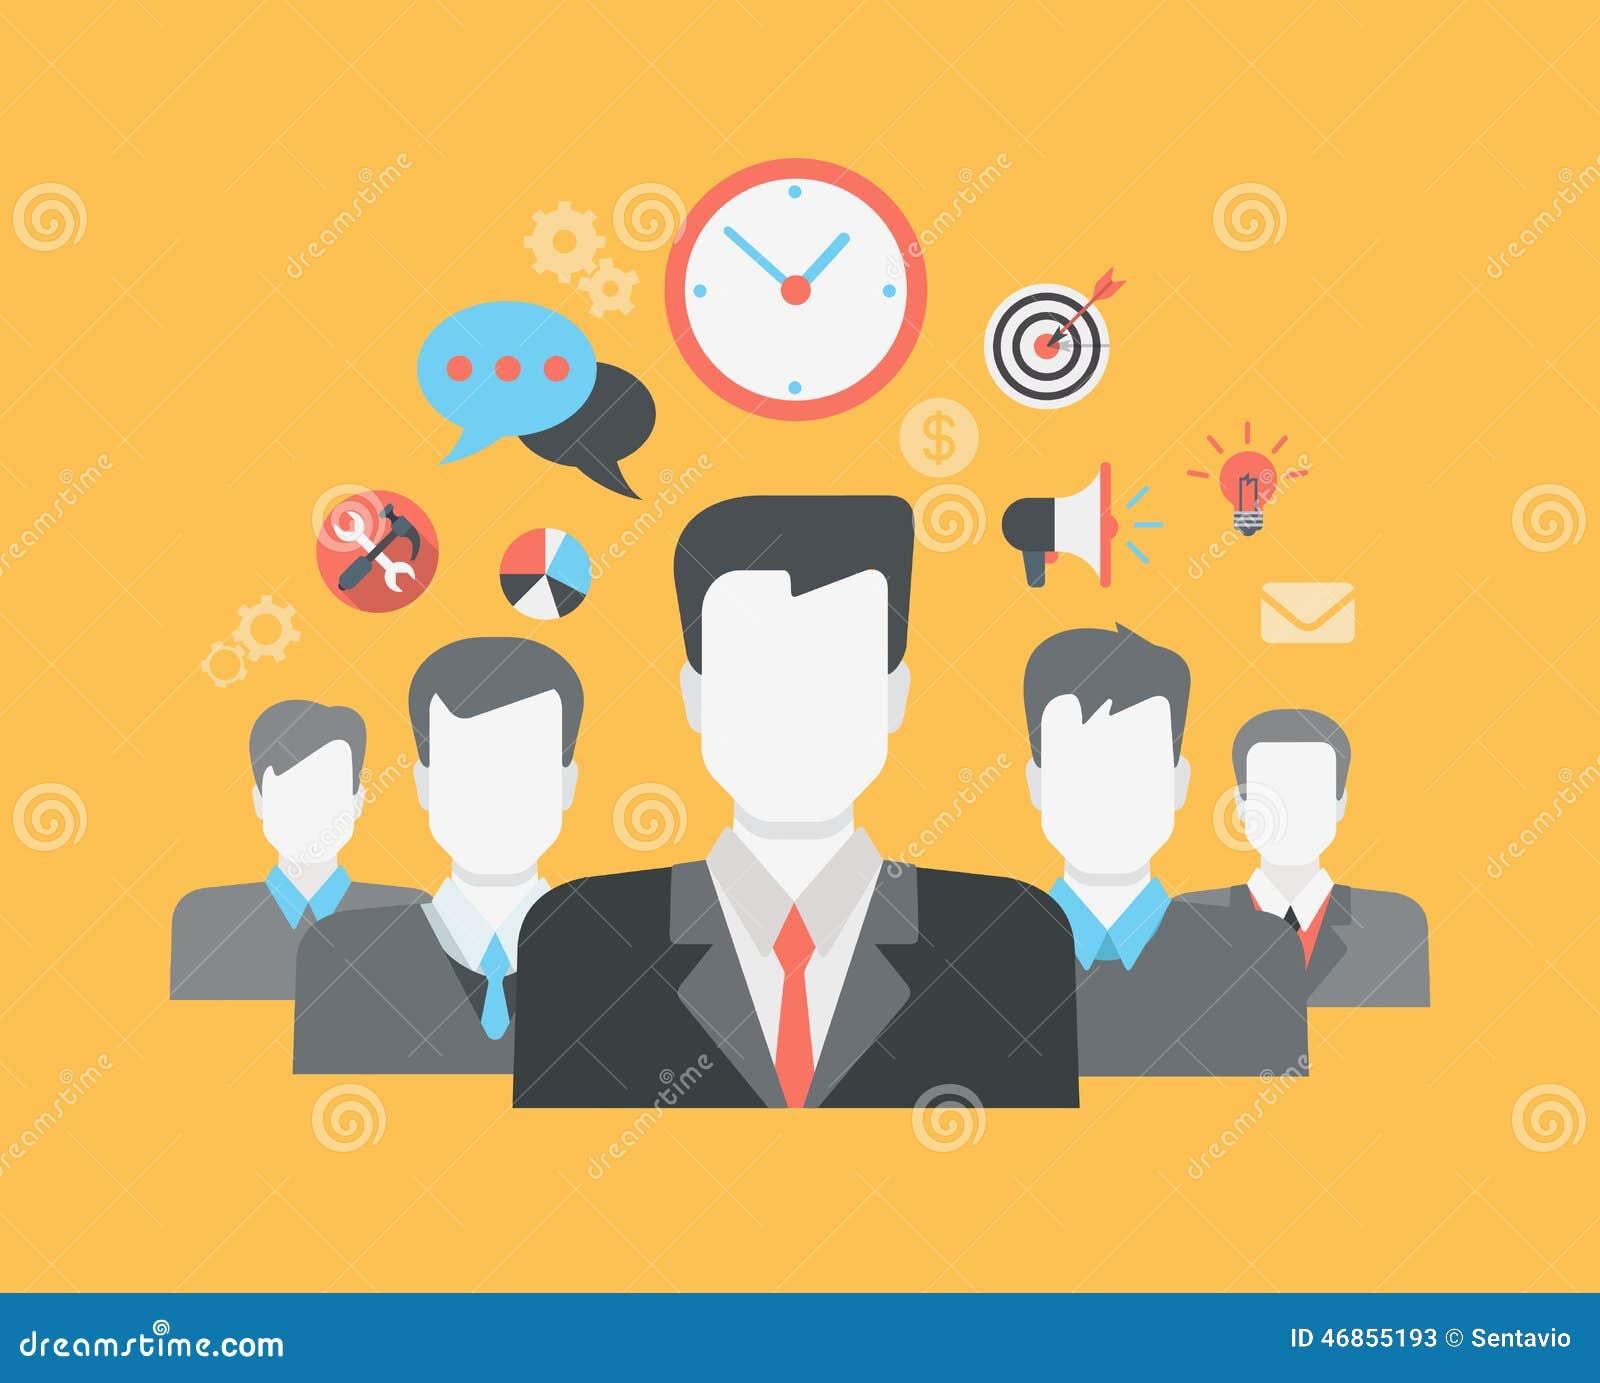 平的样式现代网infographic人际关系HR概念